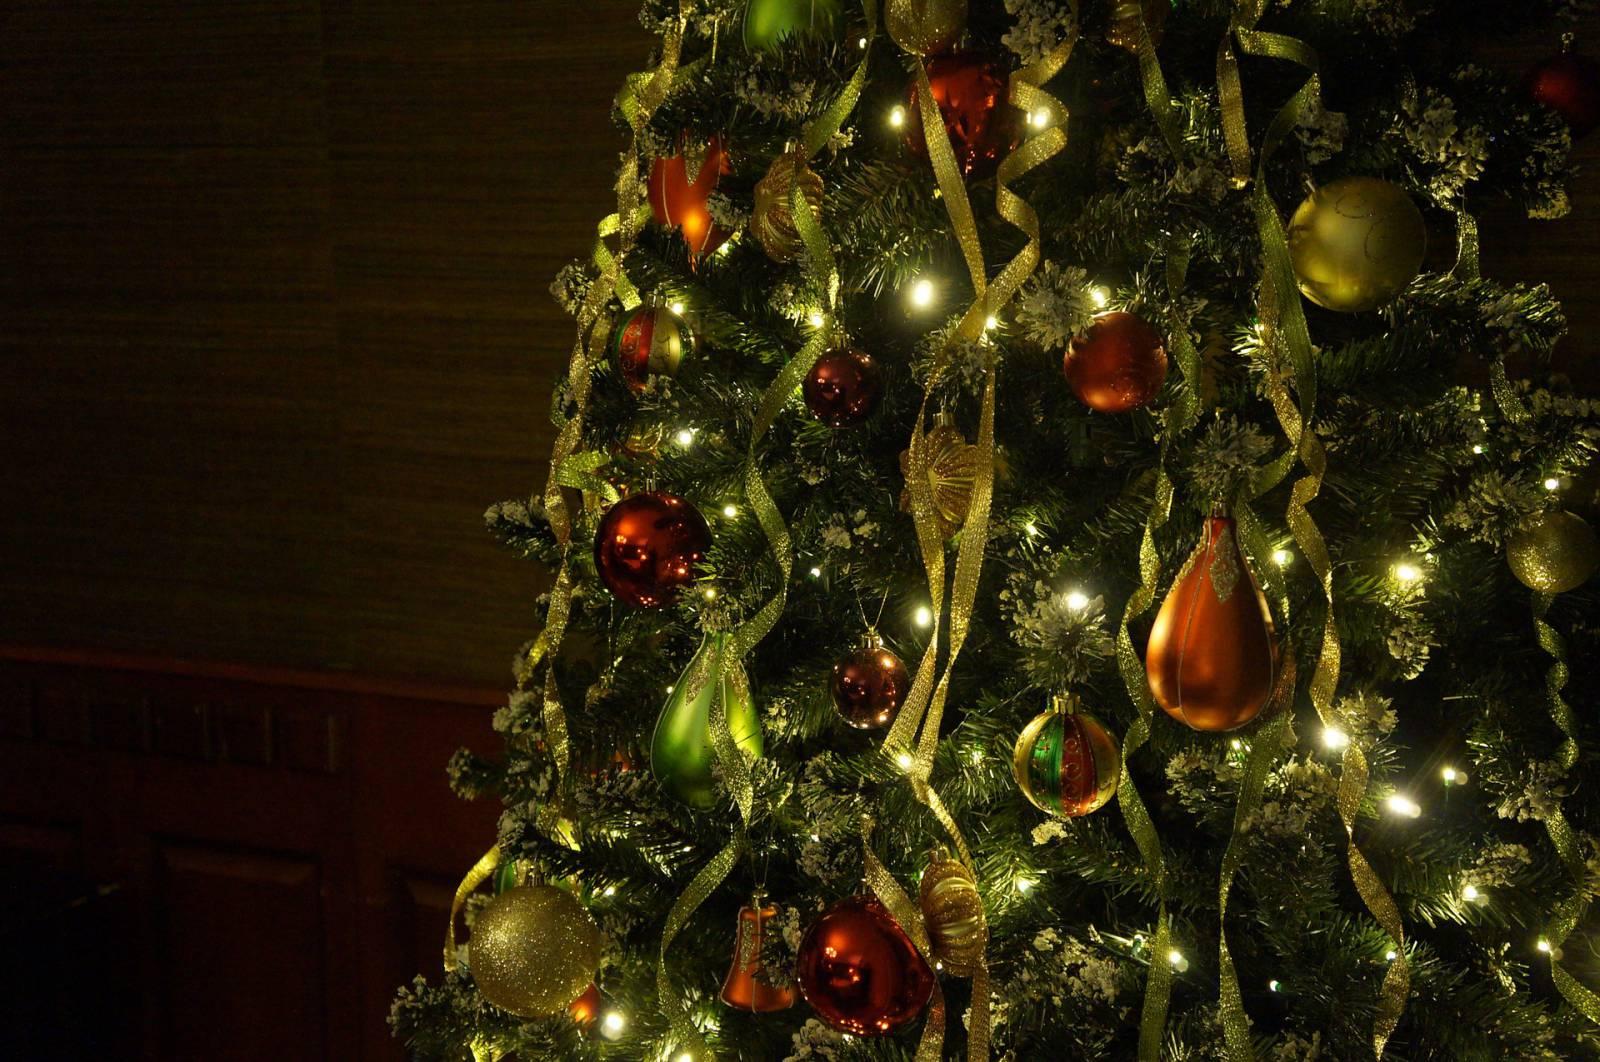 Гражданин р перед новым годом срубил в лесу три елки за что был